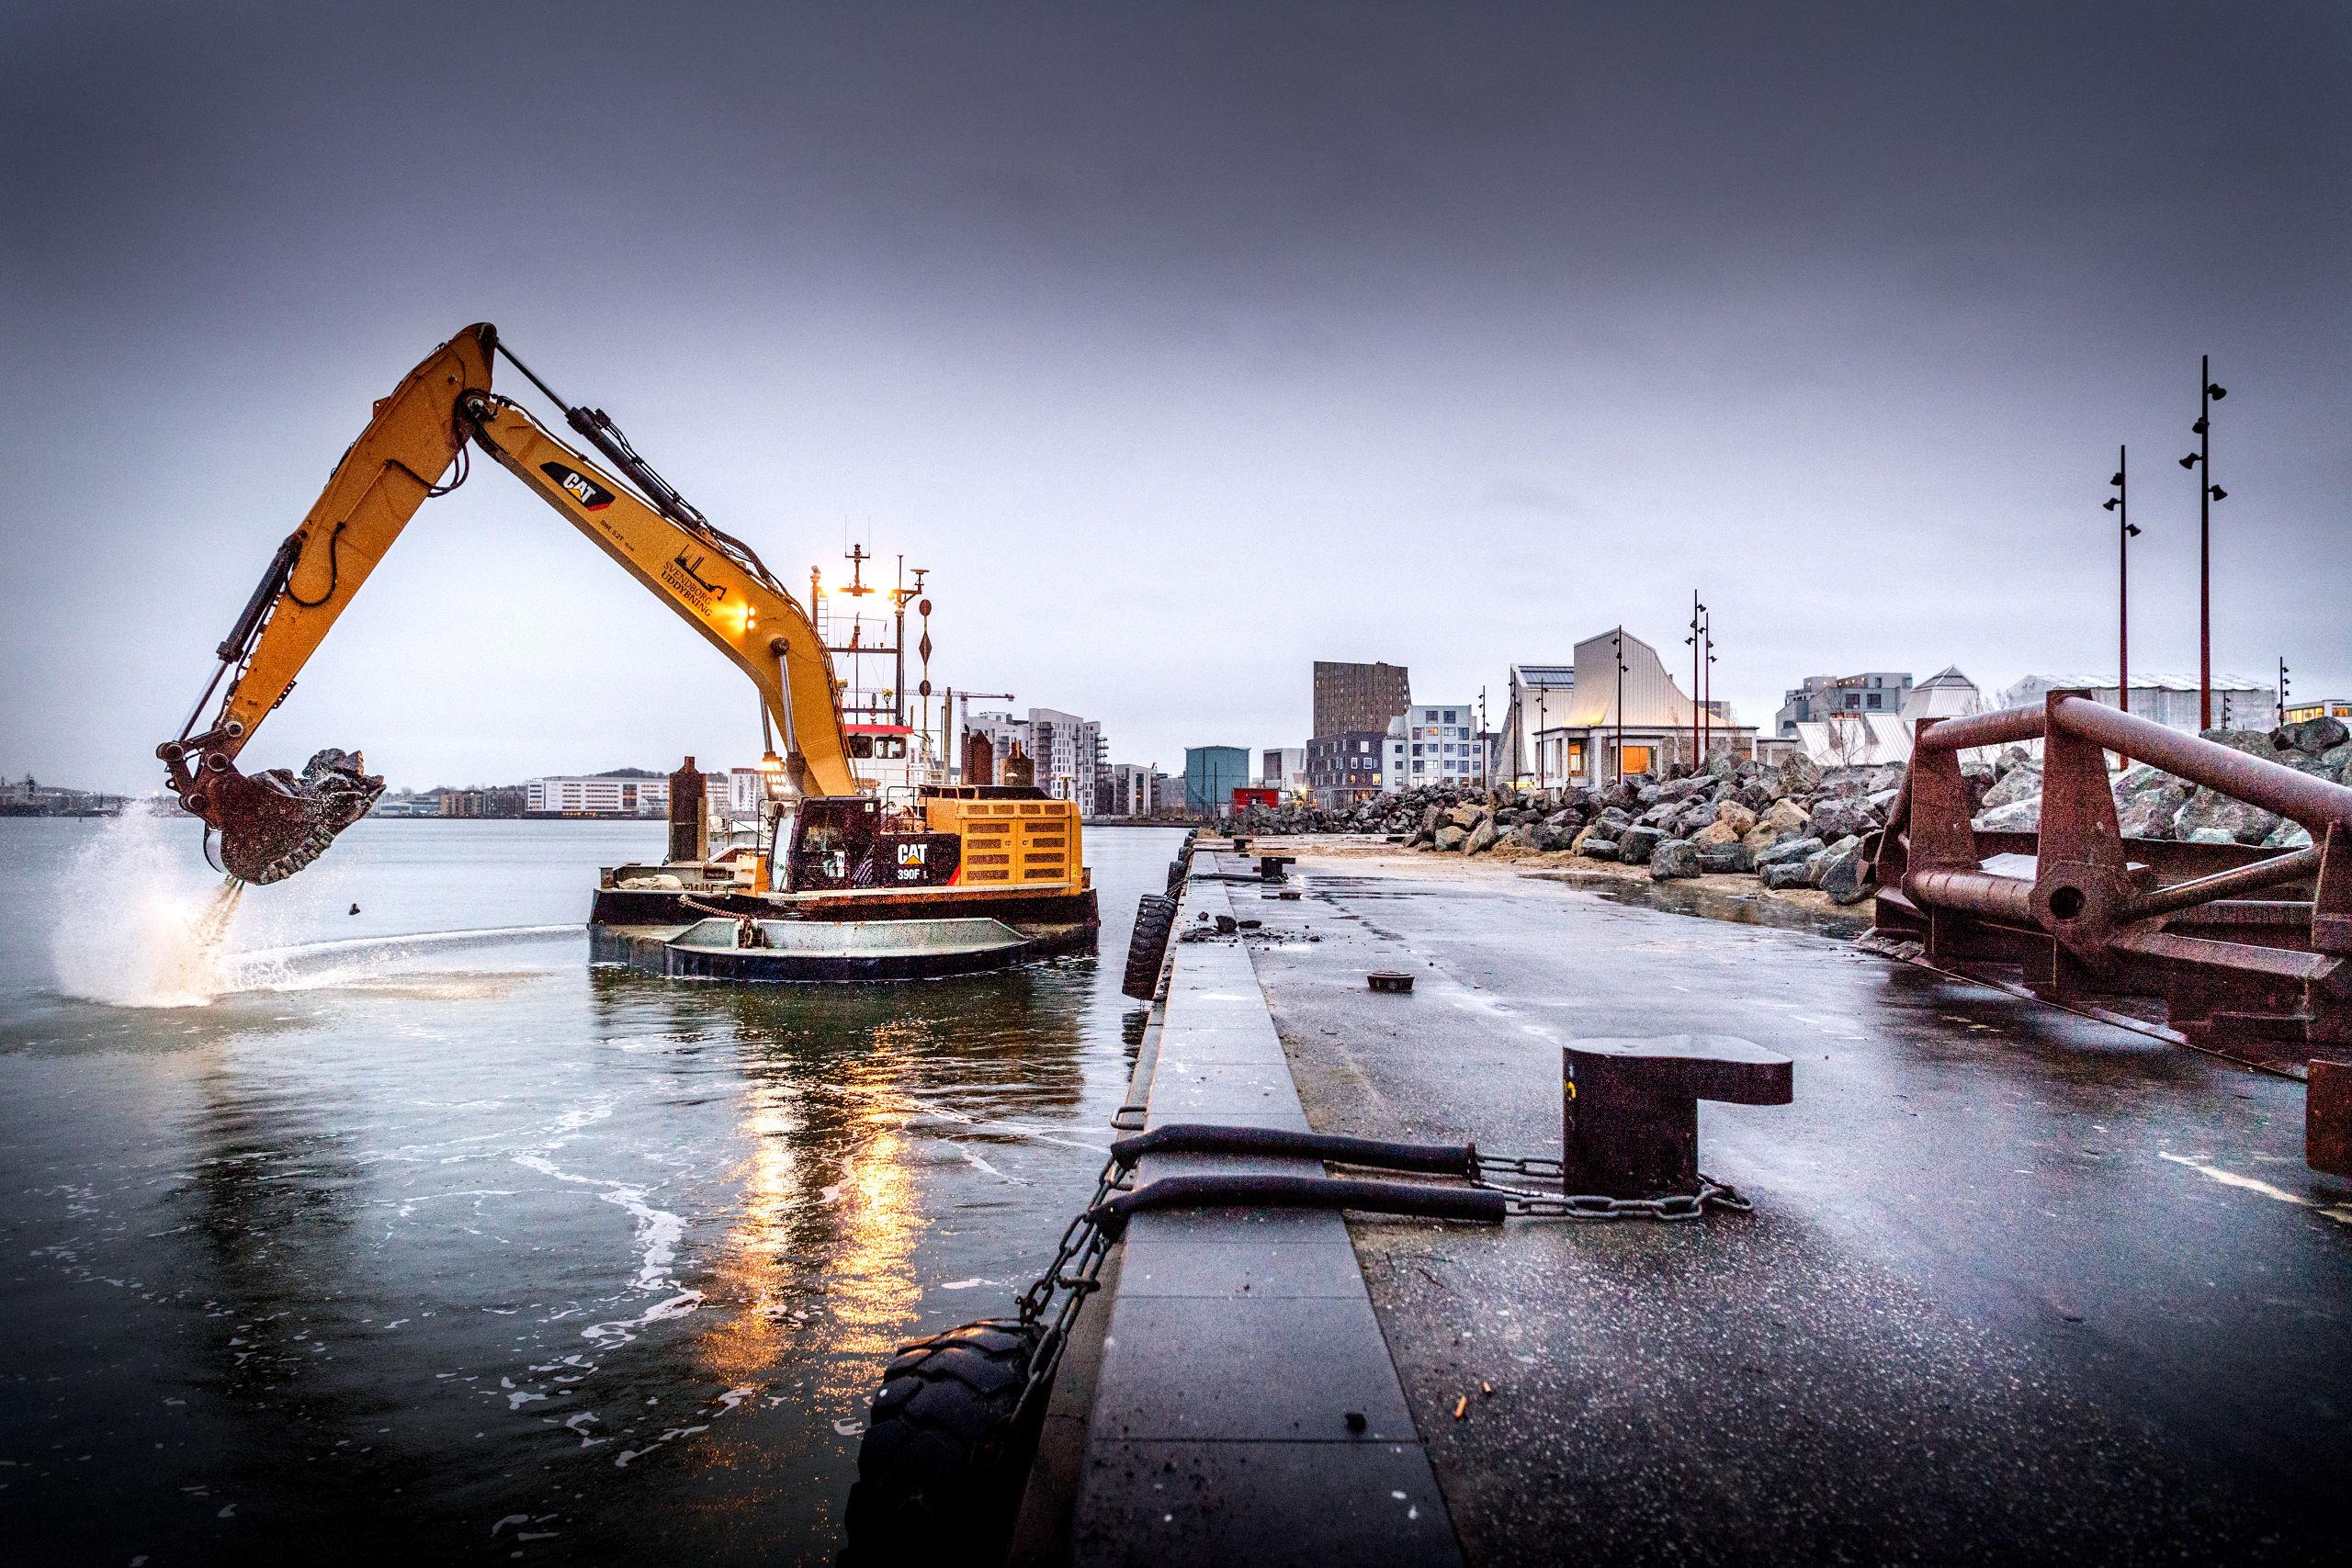 Krydstogtskibene slider hårdt på Honnørkajen i Aalborg, og det er bydende nødvendigt at få både fjordbund og kaj sikret forsvarligt, før den nye krydstogtsæson begynder med det første anløb mandag den 29. april. Foto: Torben Hansen